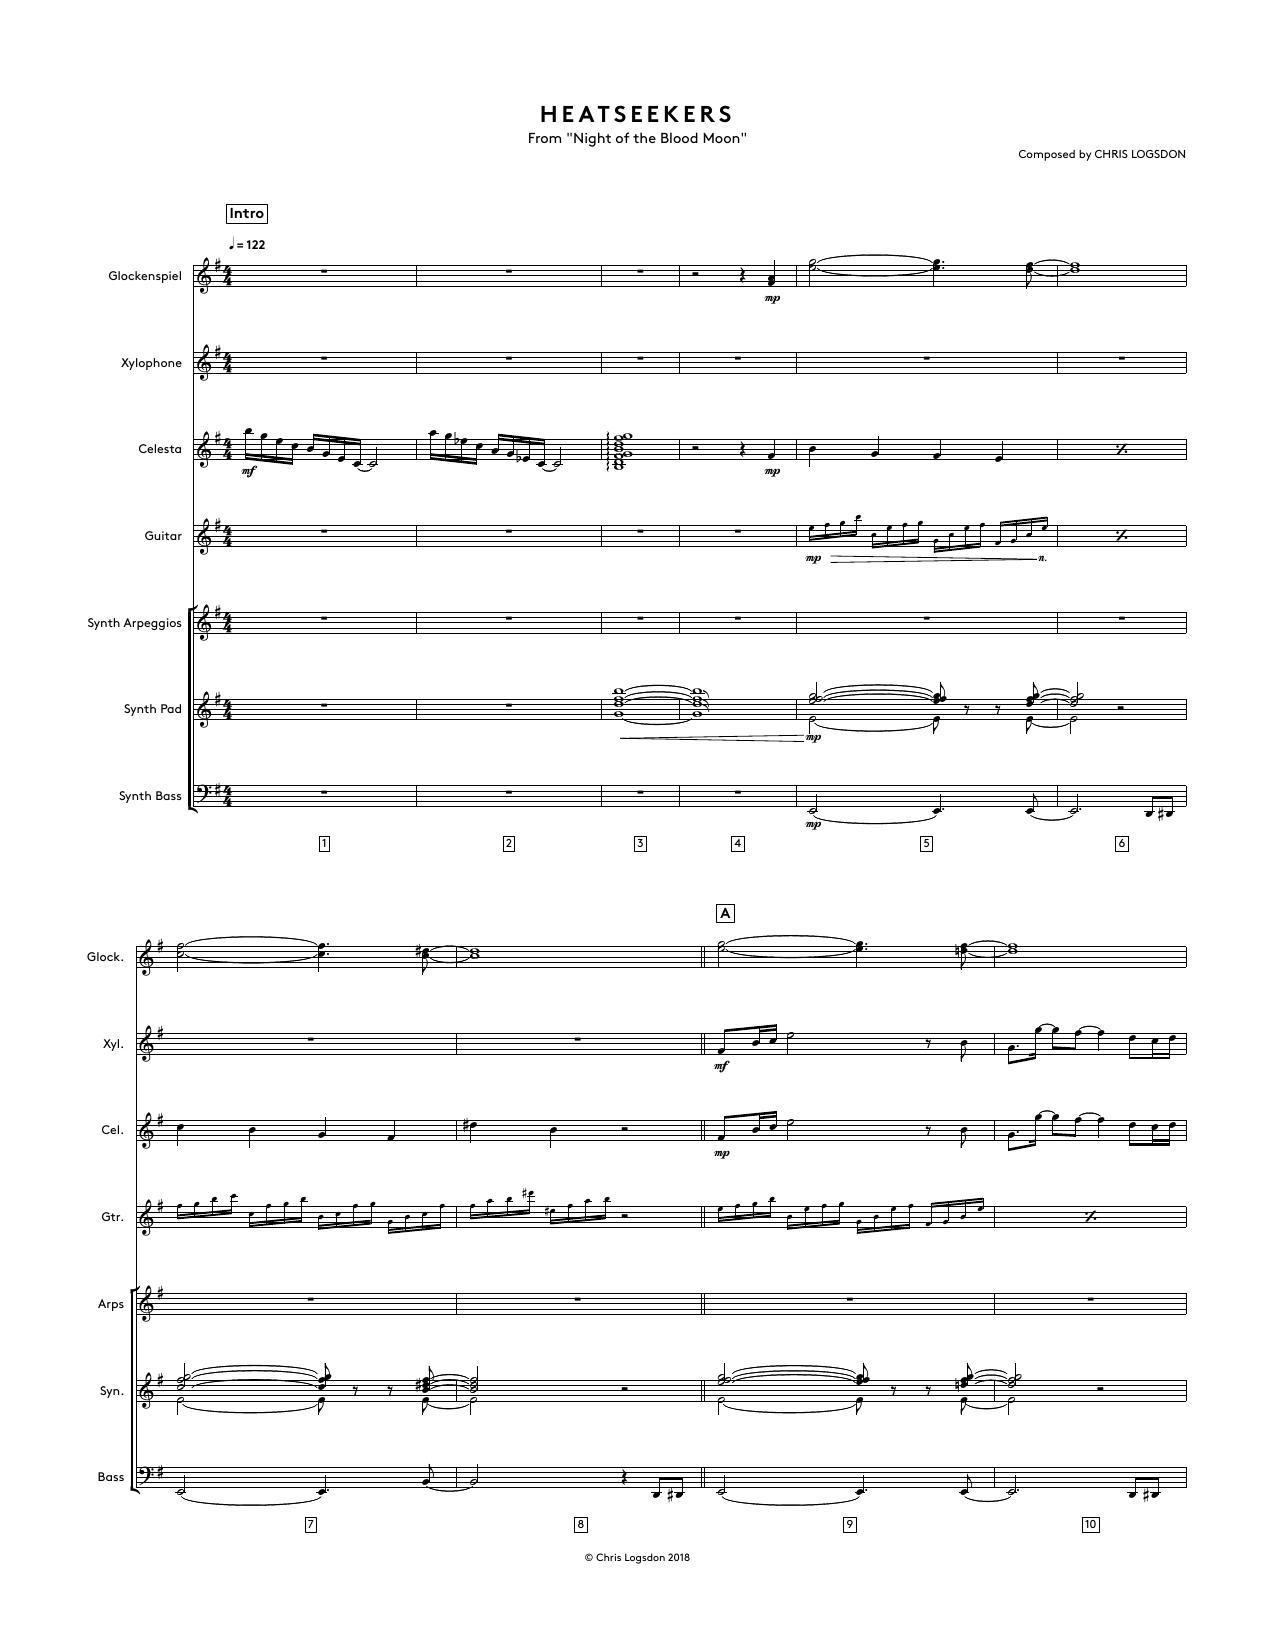 Heatseekers (from Night of the Blood Moon) - Full Score Sheet Music